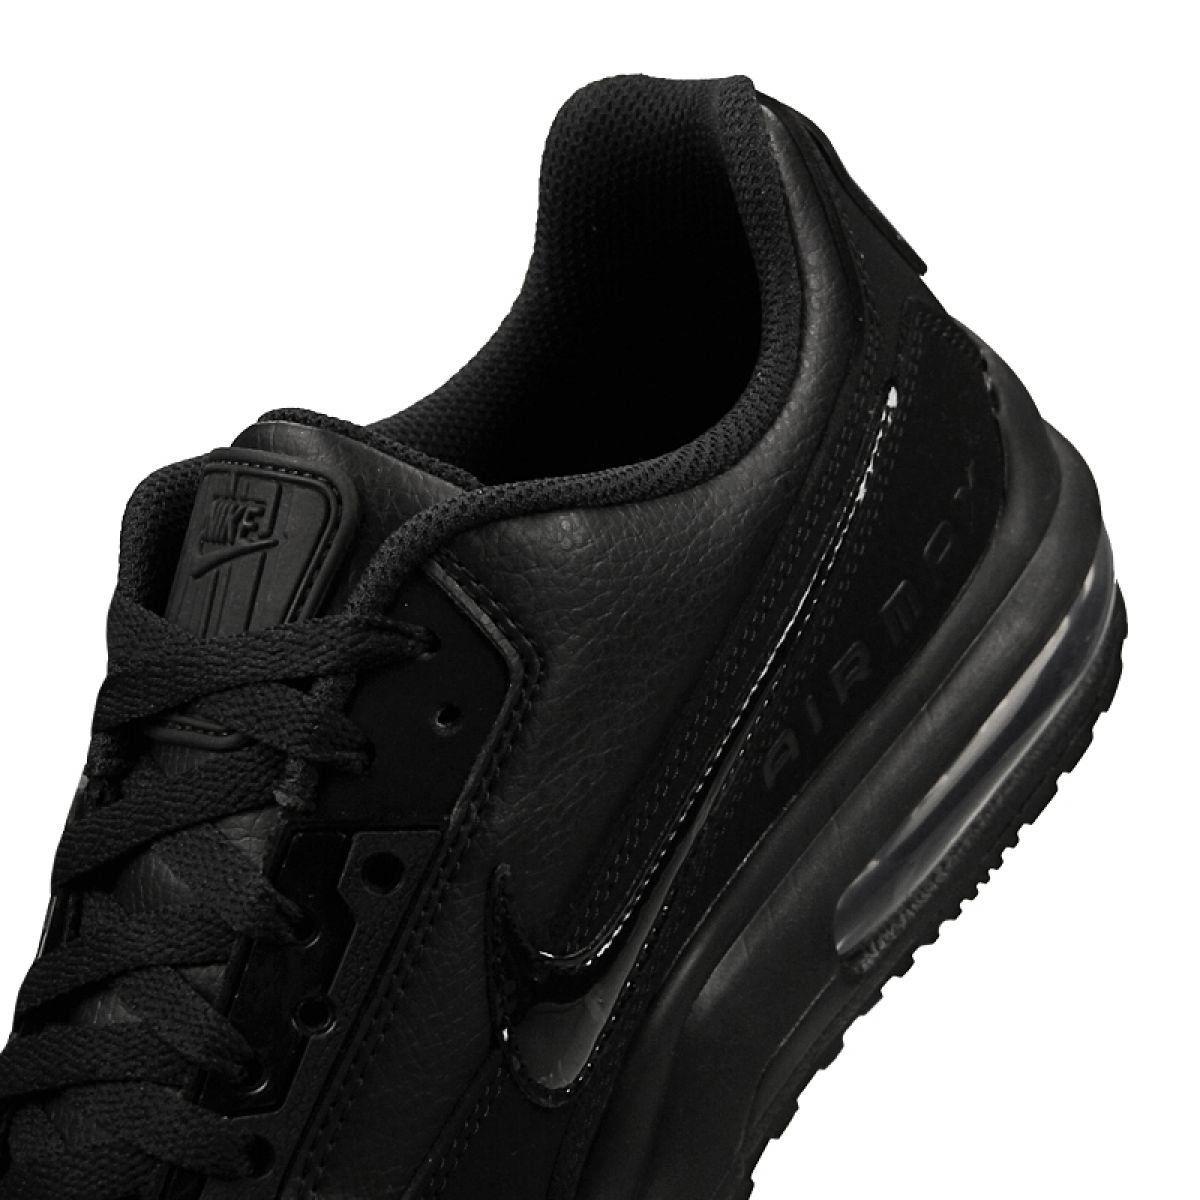 Buty Nike Air Max Ltd 3 M 687977 020 Czarne Nike Air Max Nike Air Nike Air Max Ltd